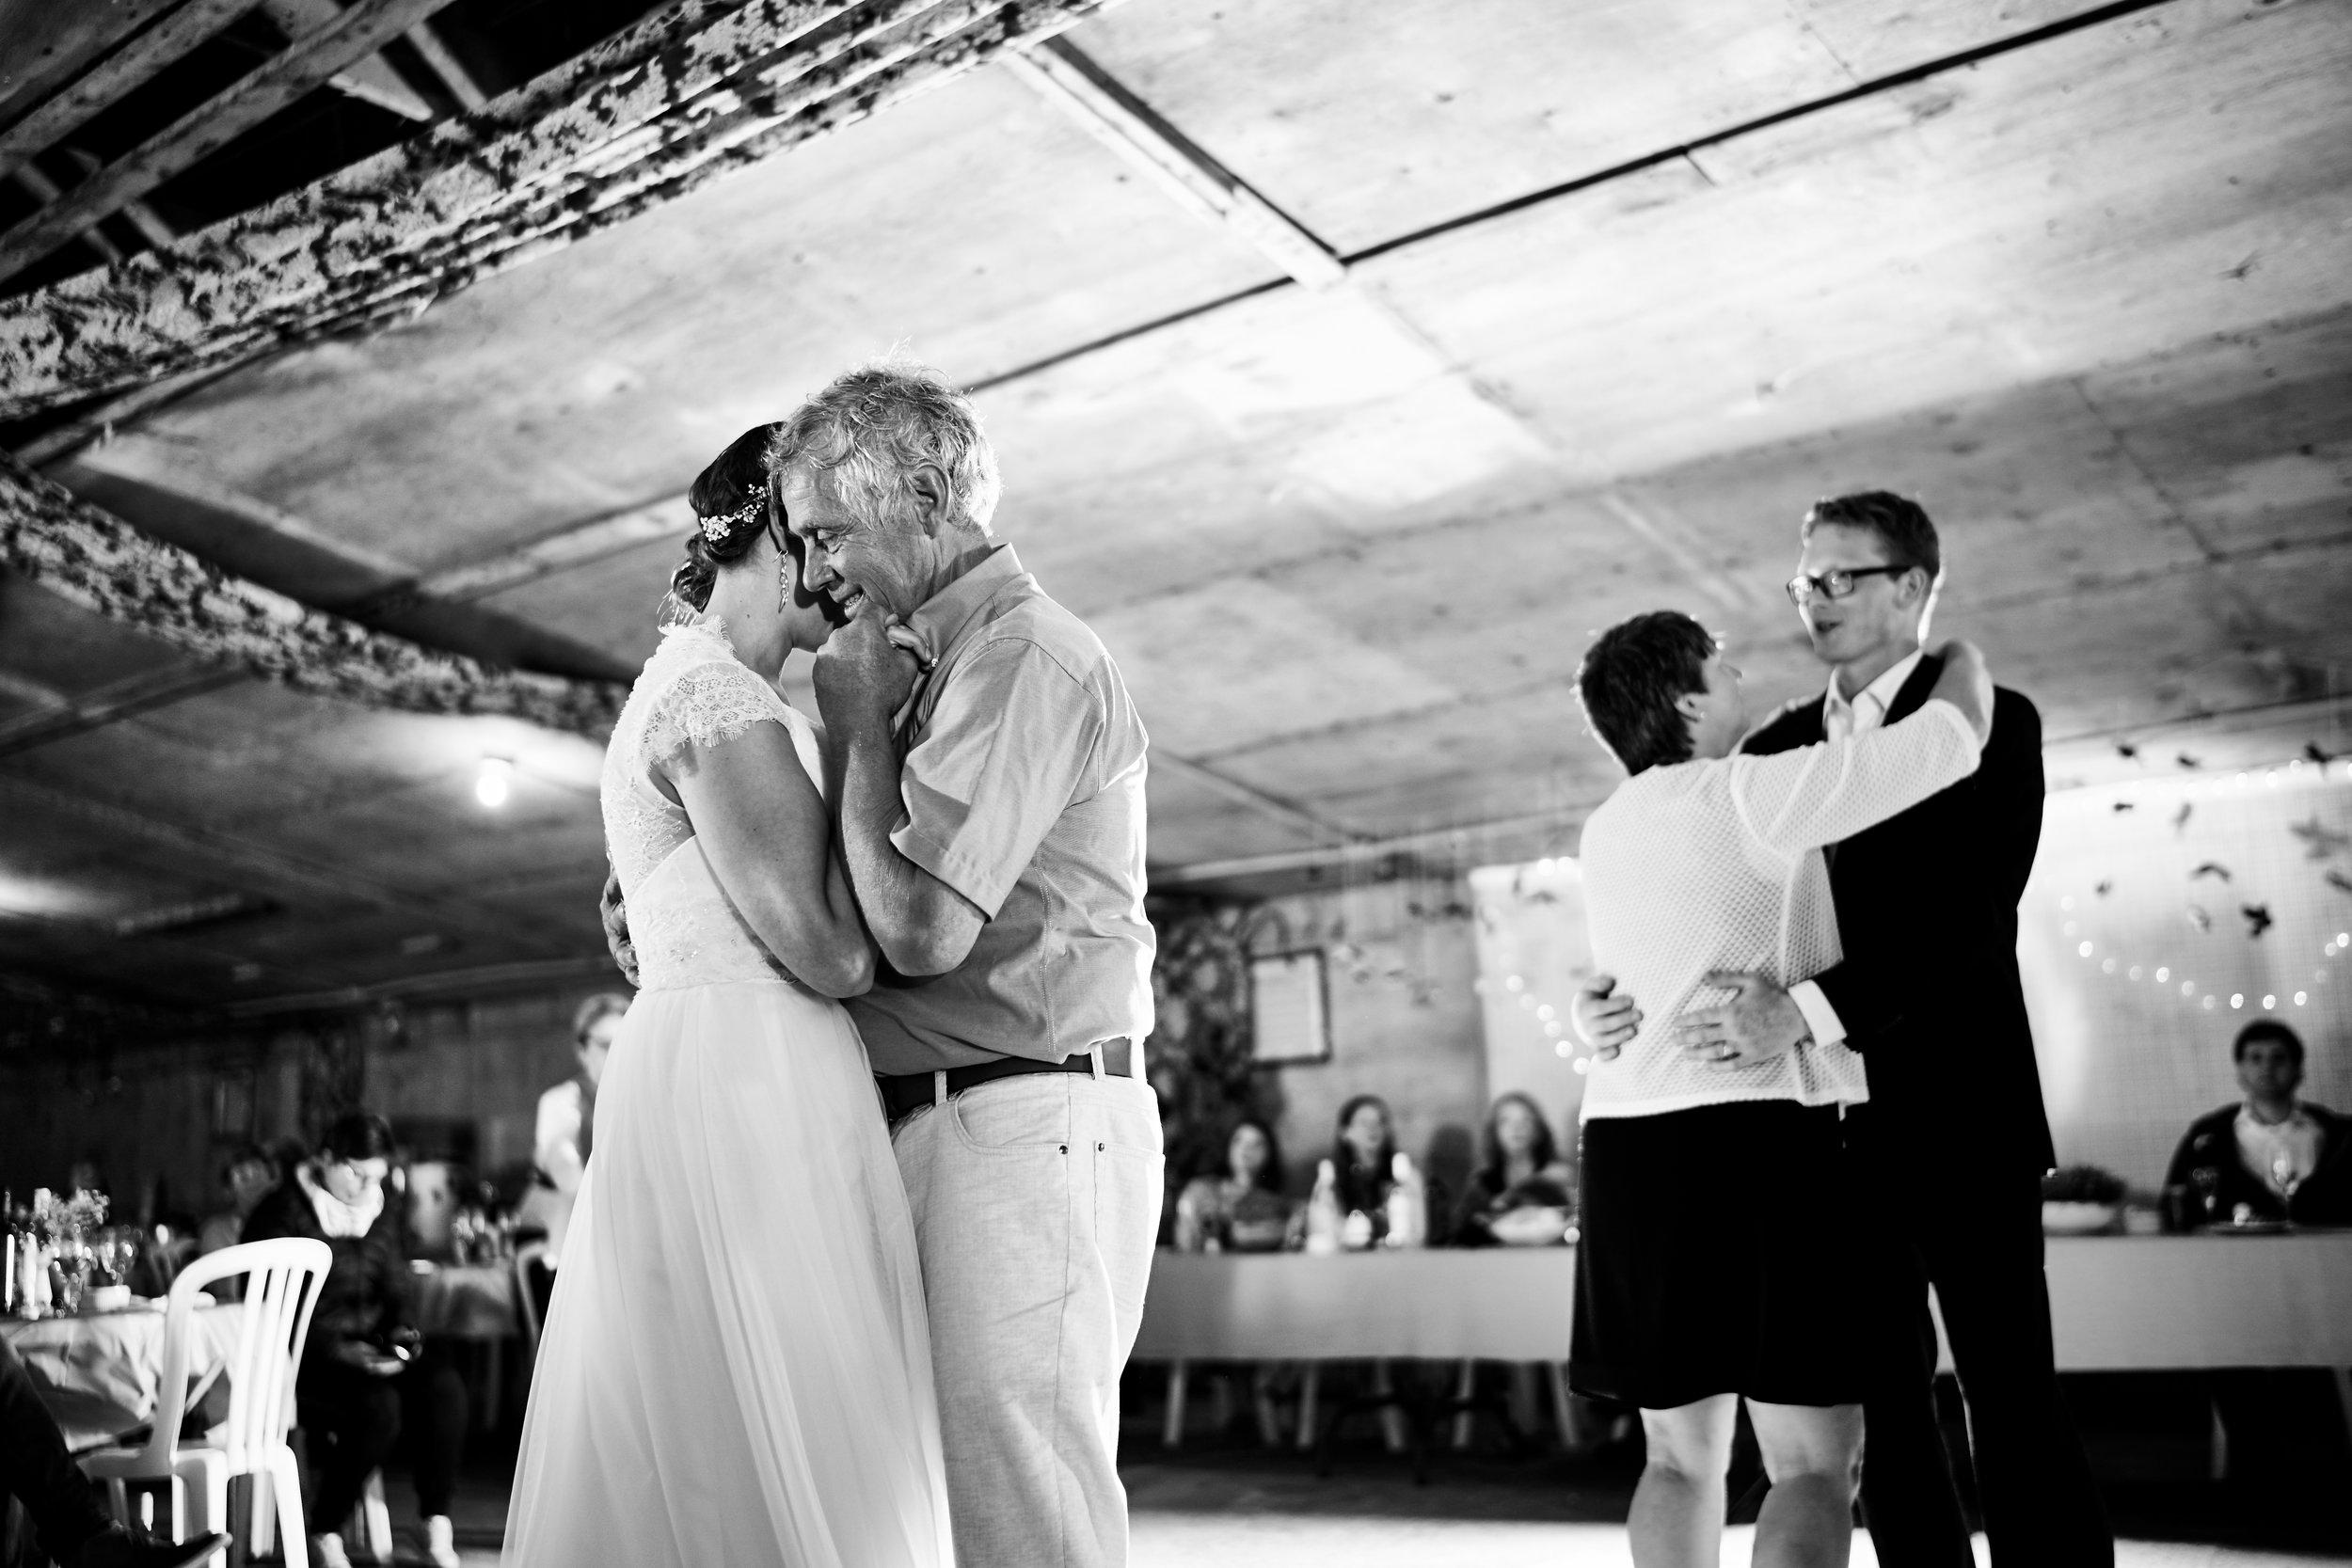 Amy-Lee & James' Wedding 832.jpg